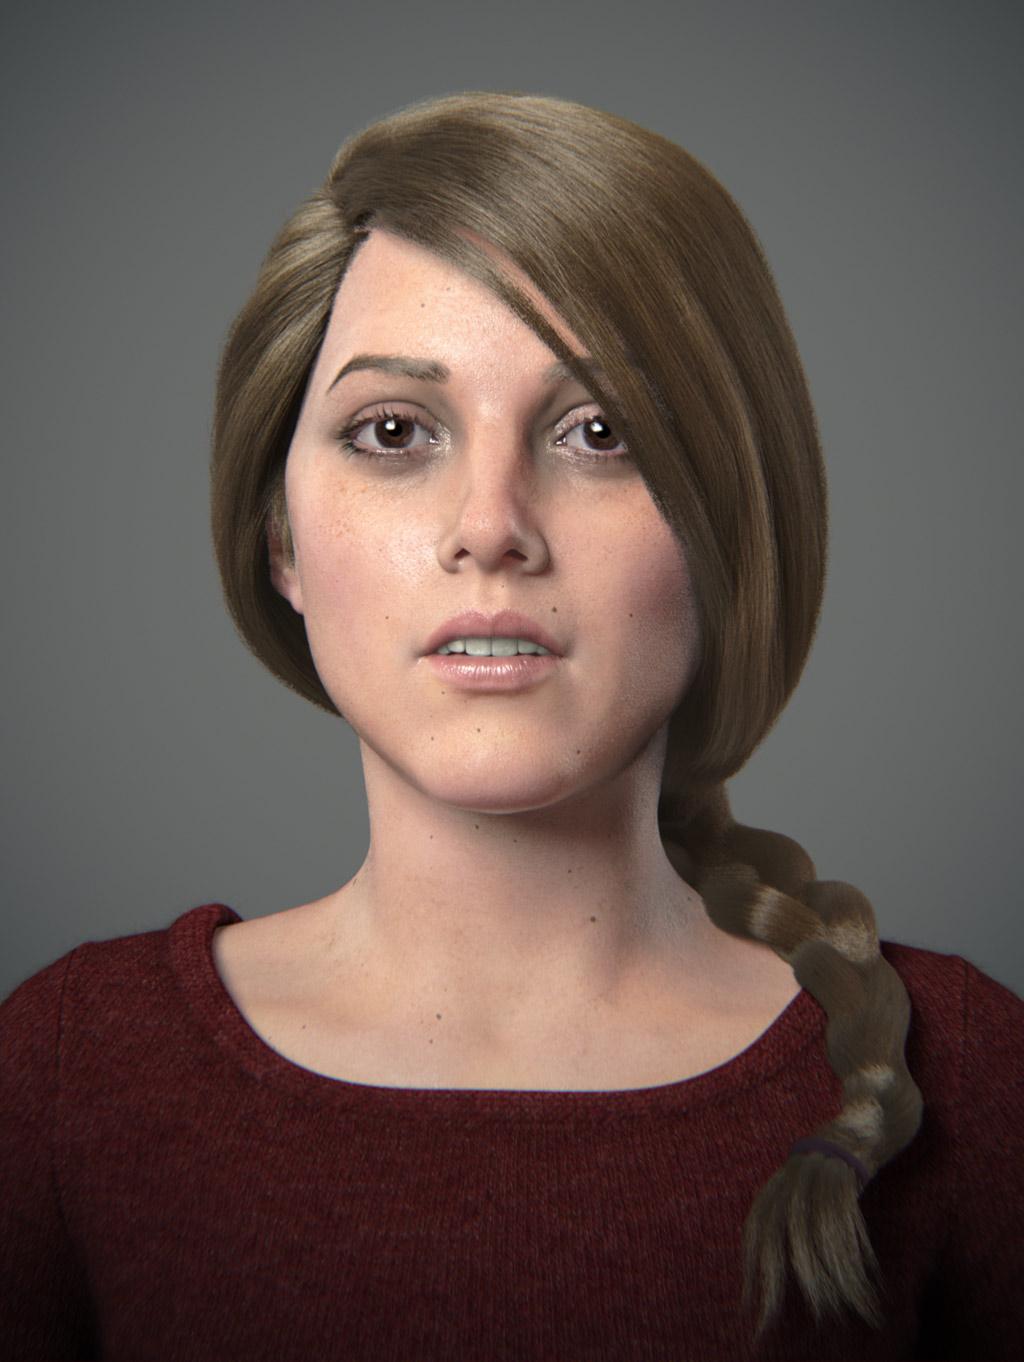 Trurl girl portrait modo 6 1 e9830628 7w82